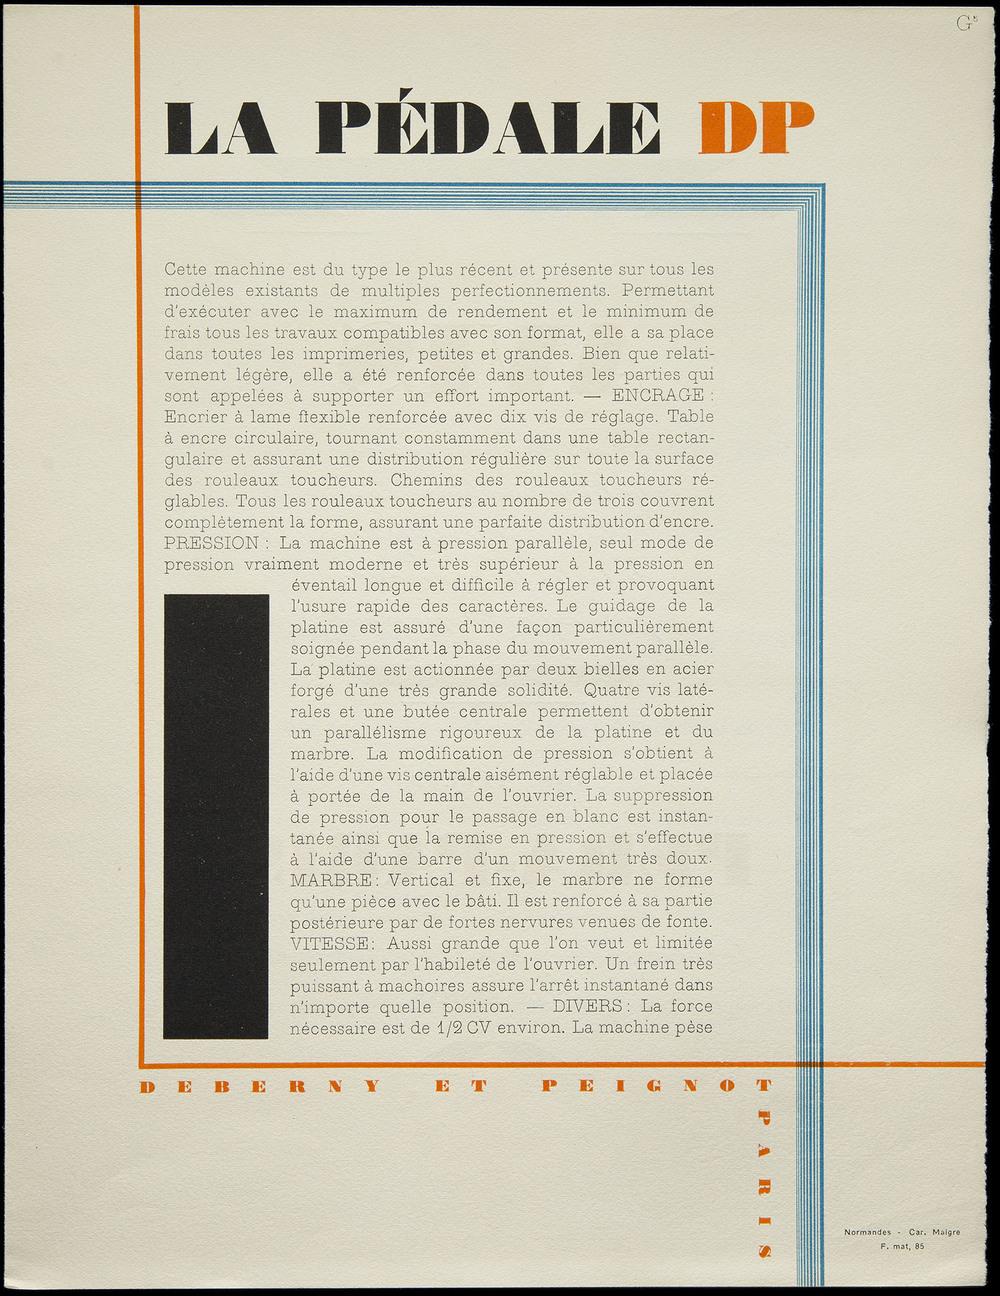 Maximilien Vox,  Les Divertissements Typographiques 3 , Deberny & Peignot, Paris, 1930, 21.3 x 27.6 cm